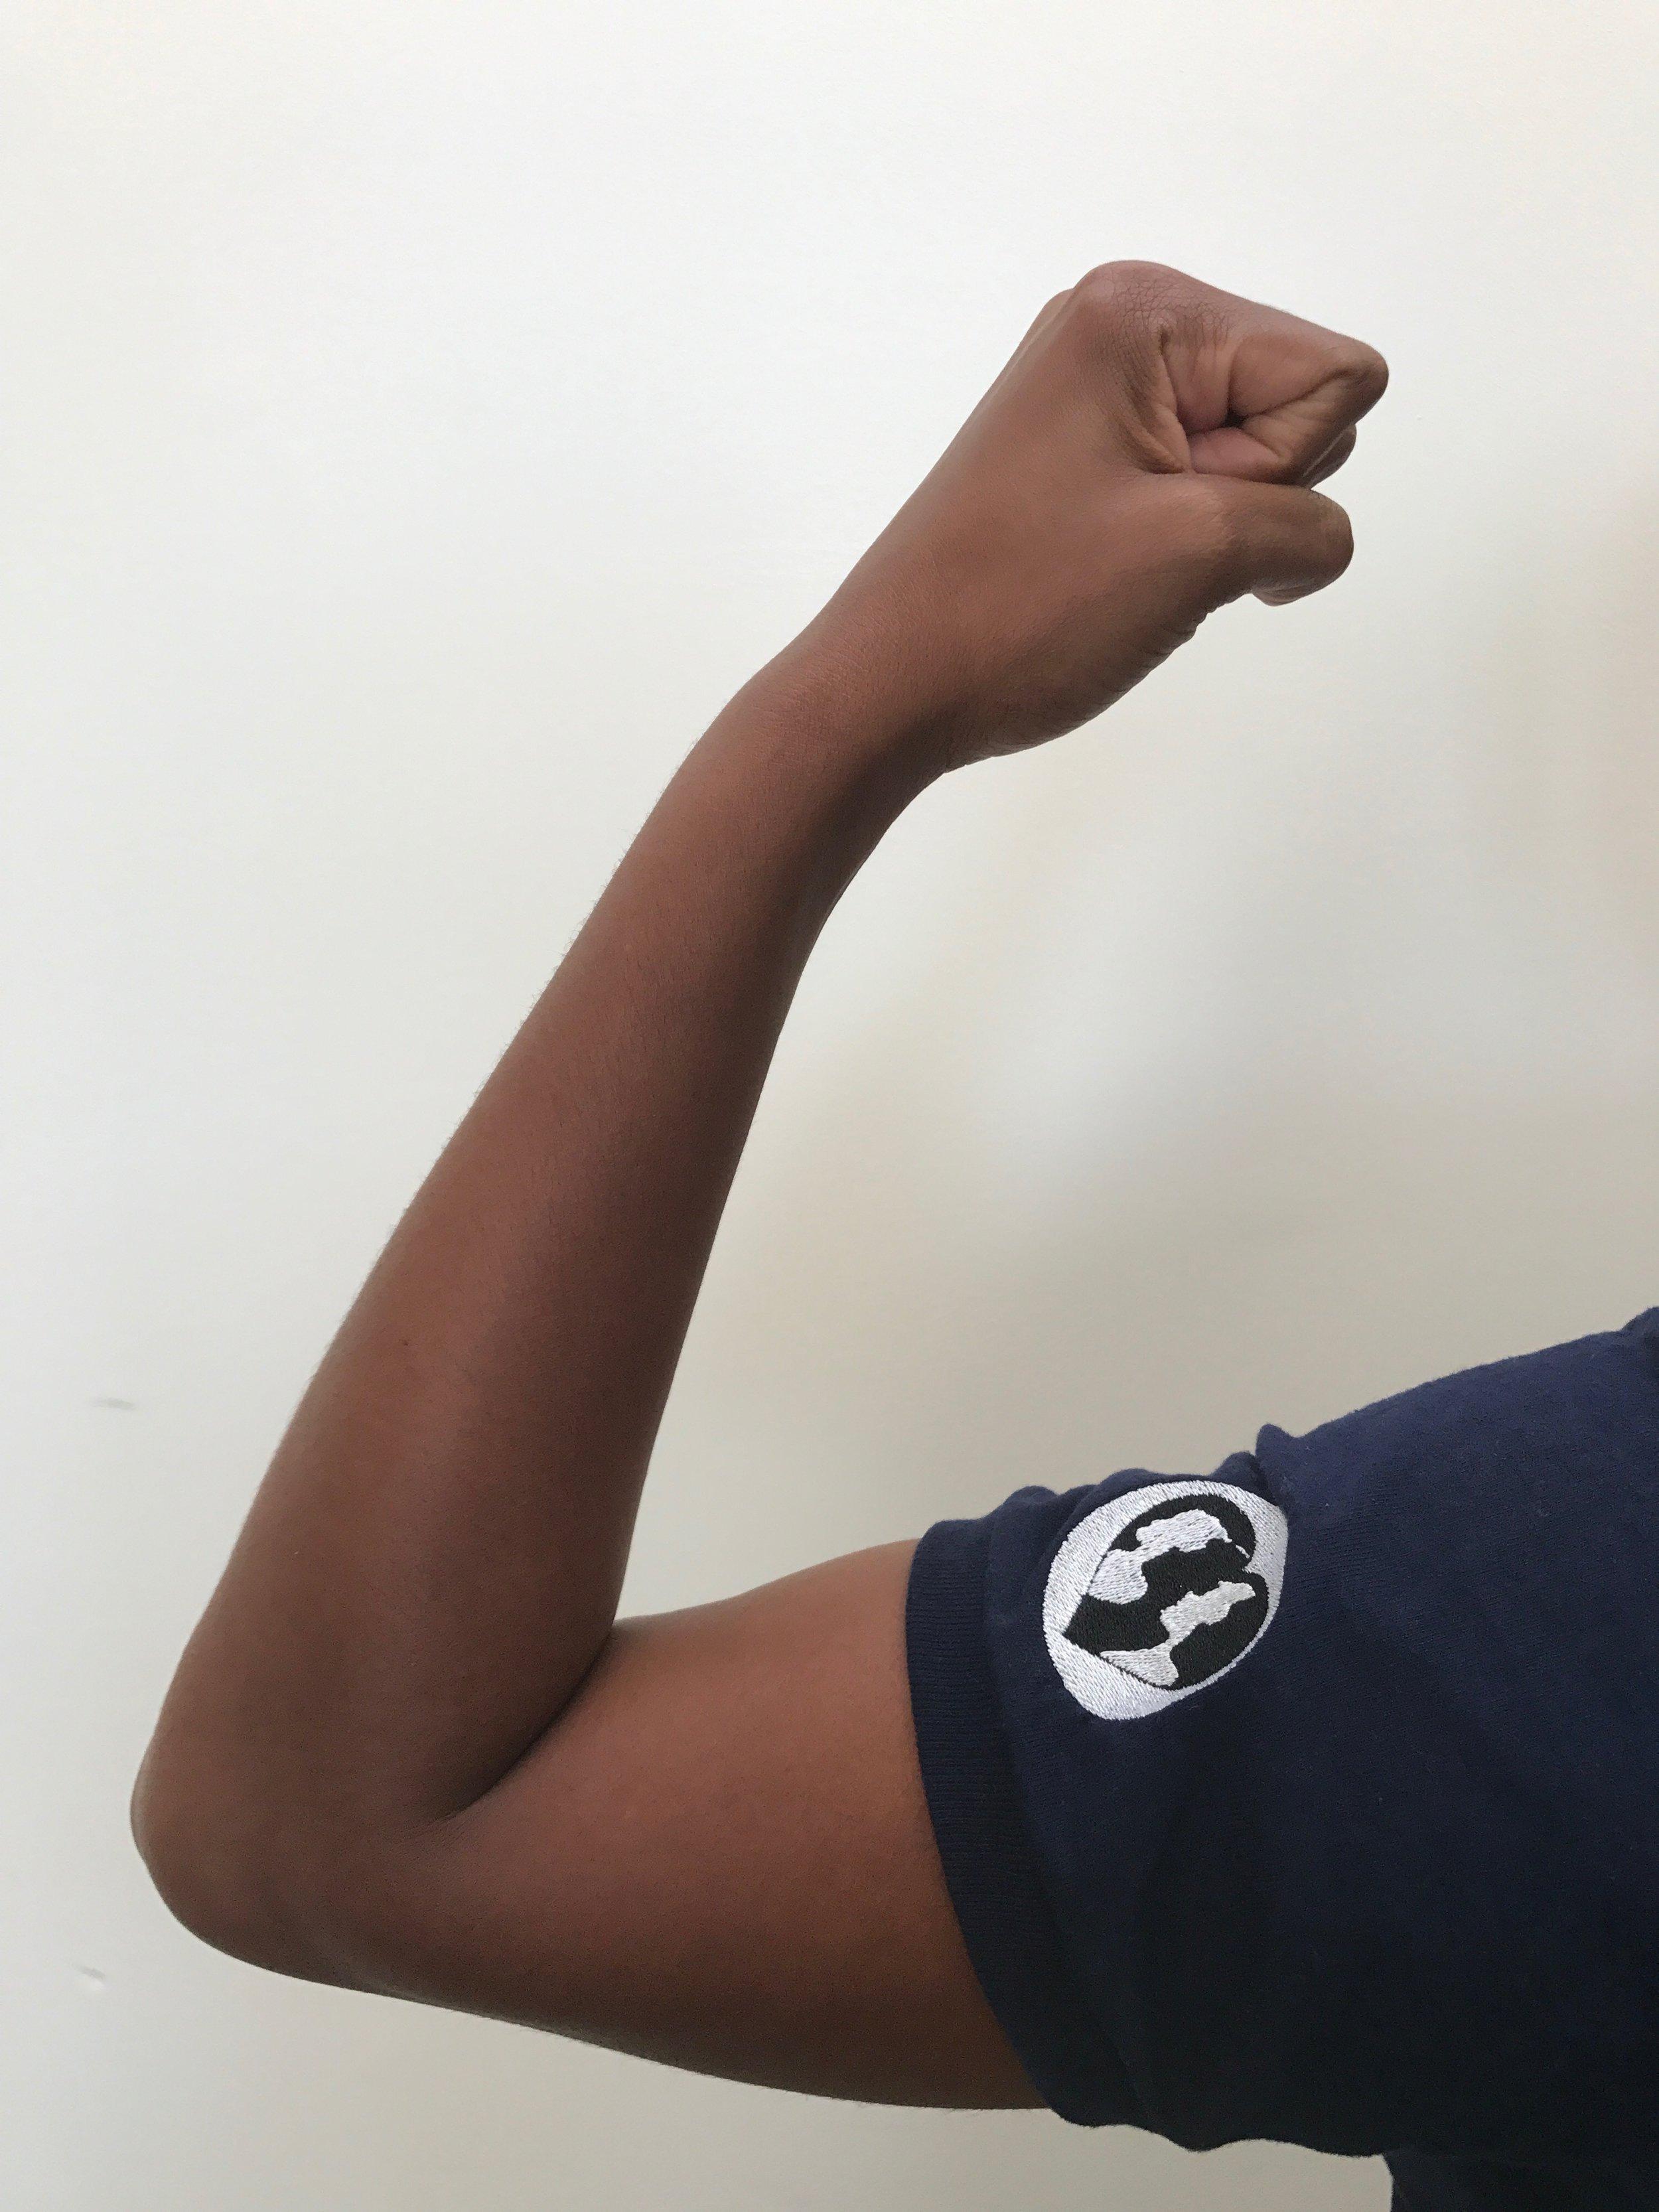 Tashara fist with logo.JPG